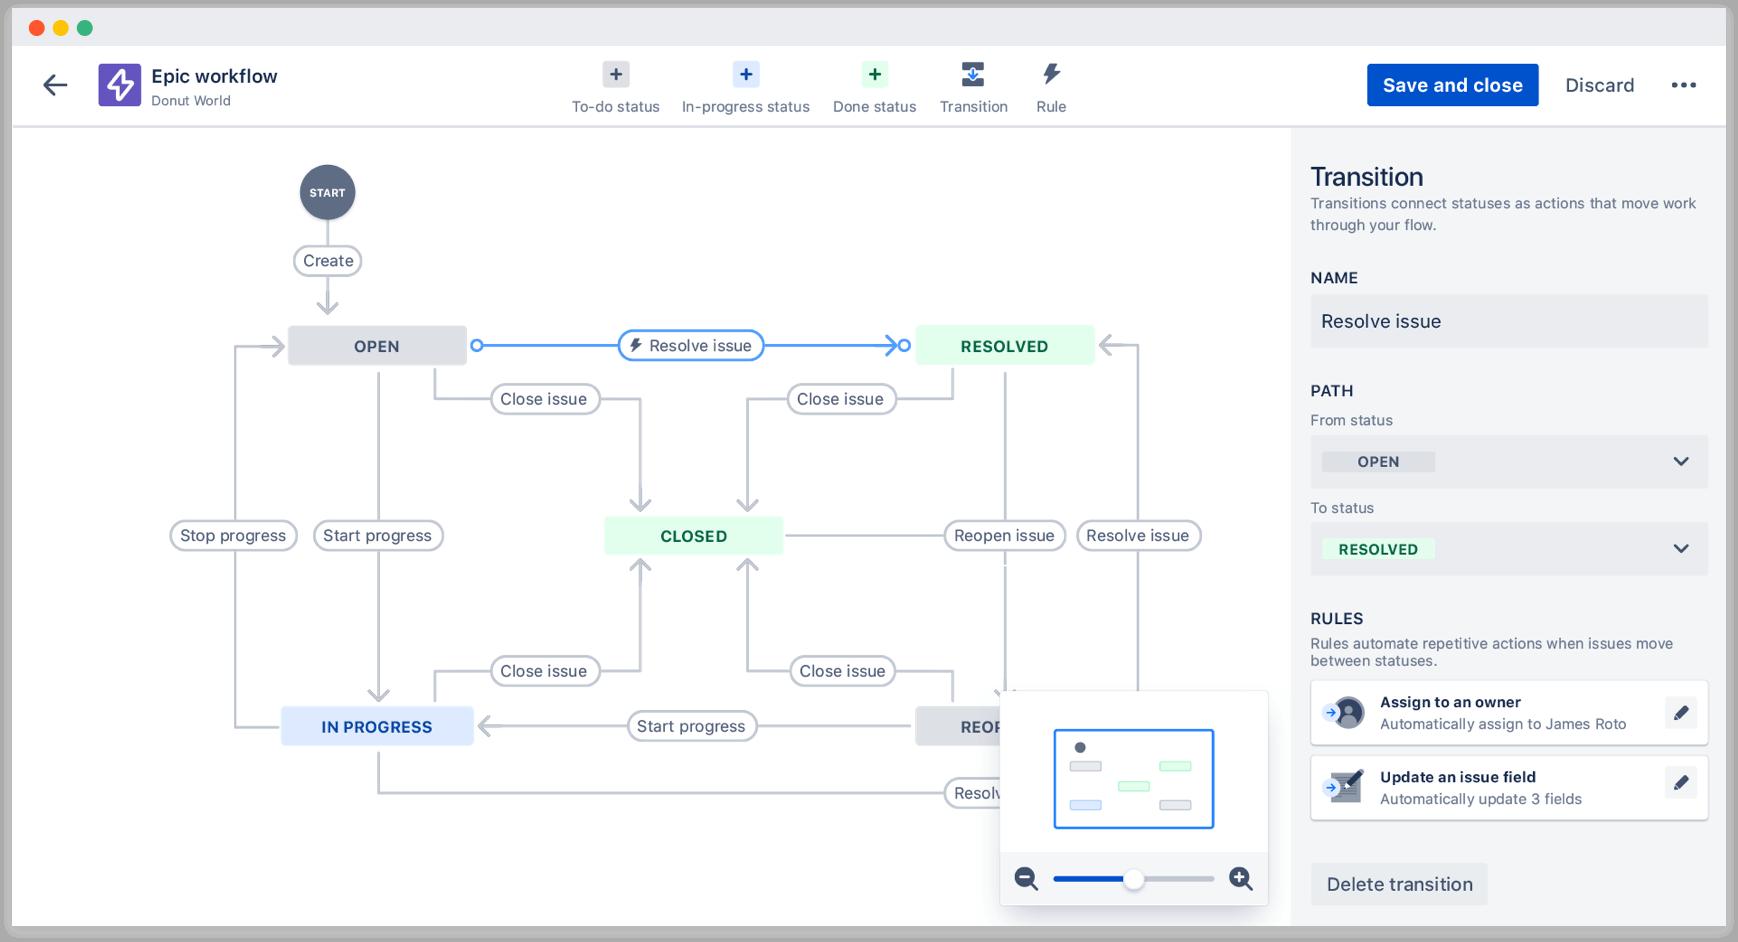 Der Workflow-Editor